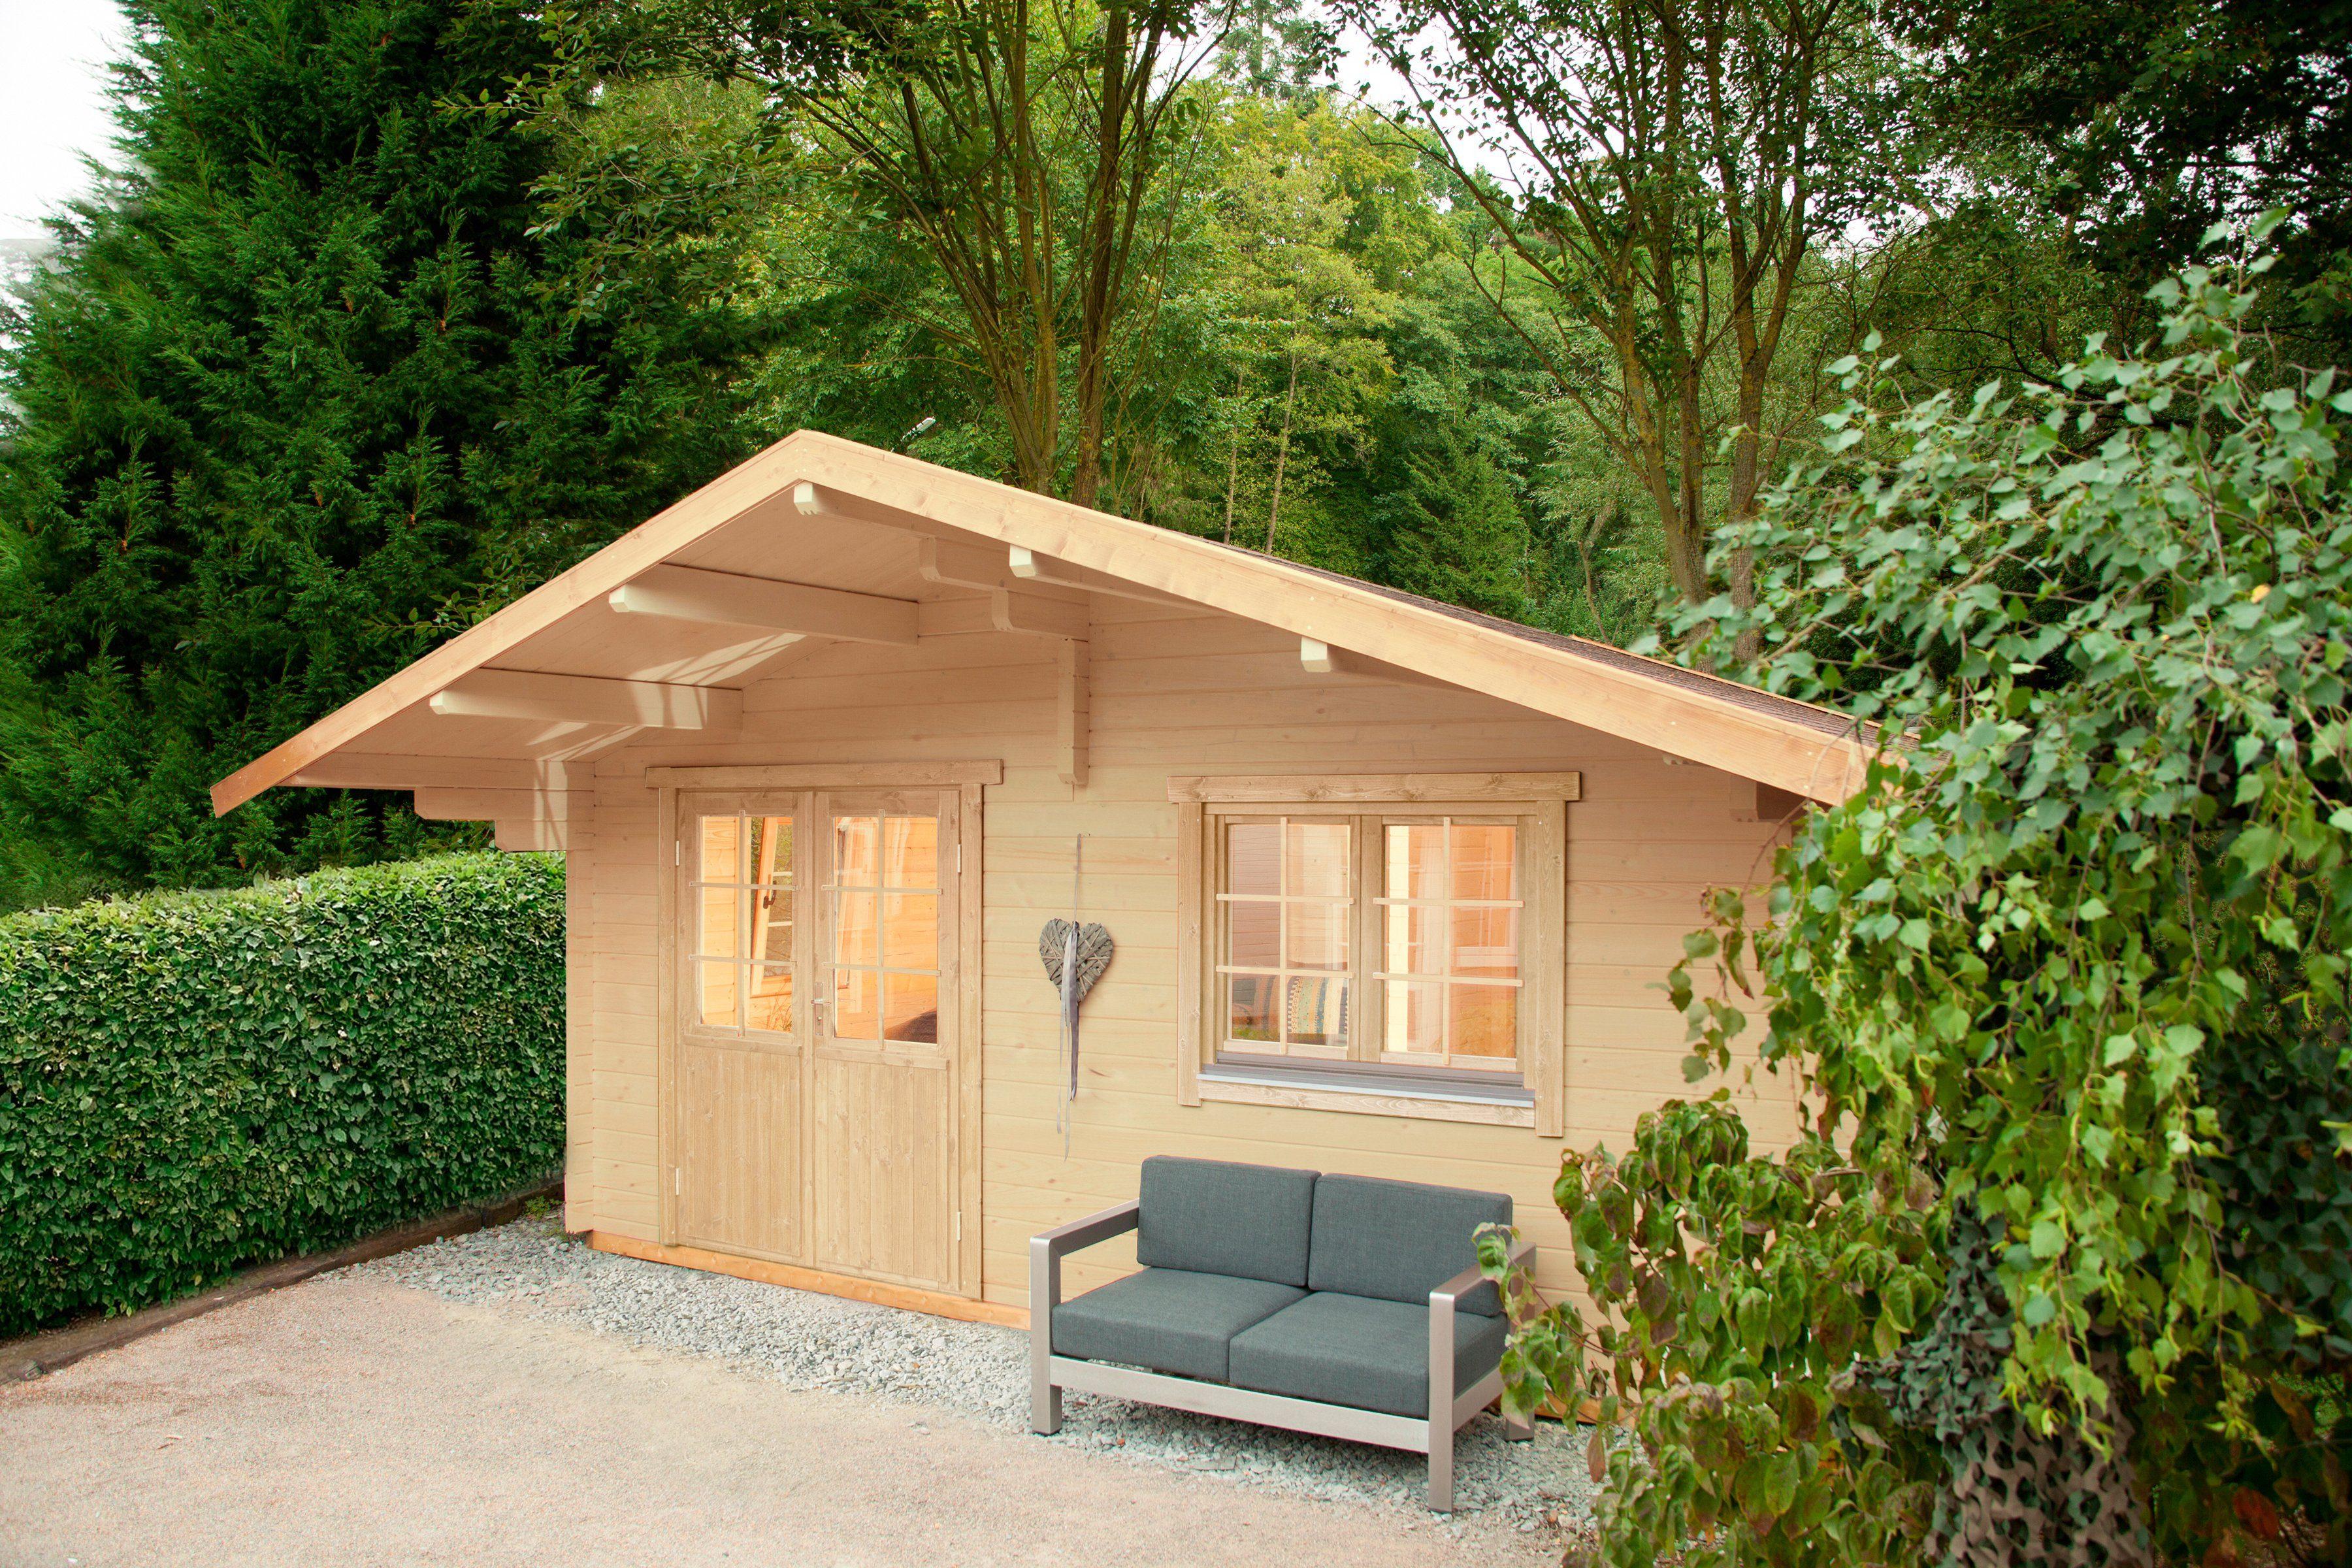 Fußboden Gartenhaus Pvc ~ Wolff gartenhaus lappland c xl« bxt cm inkl